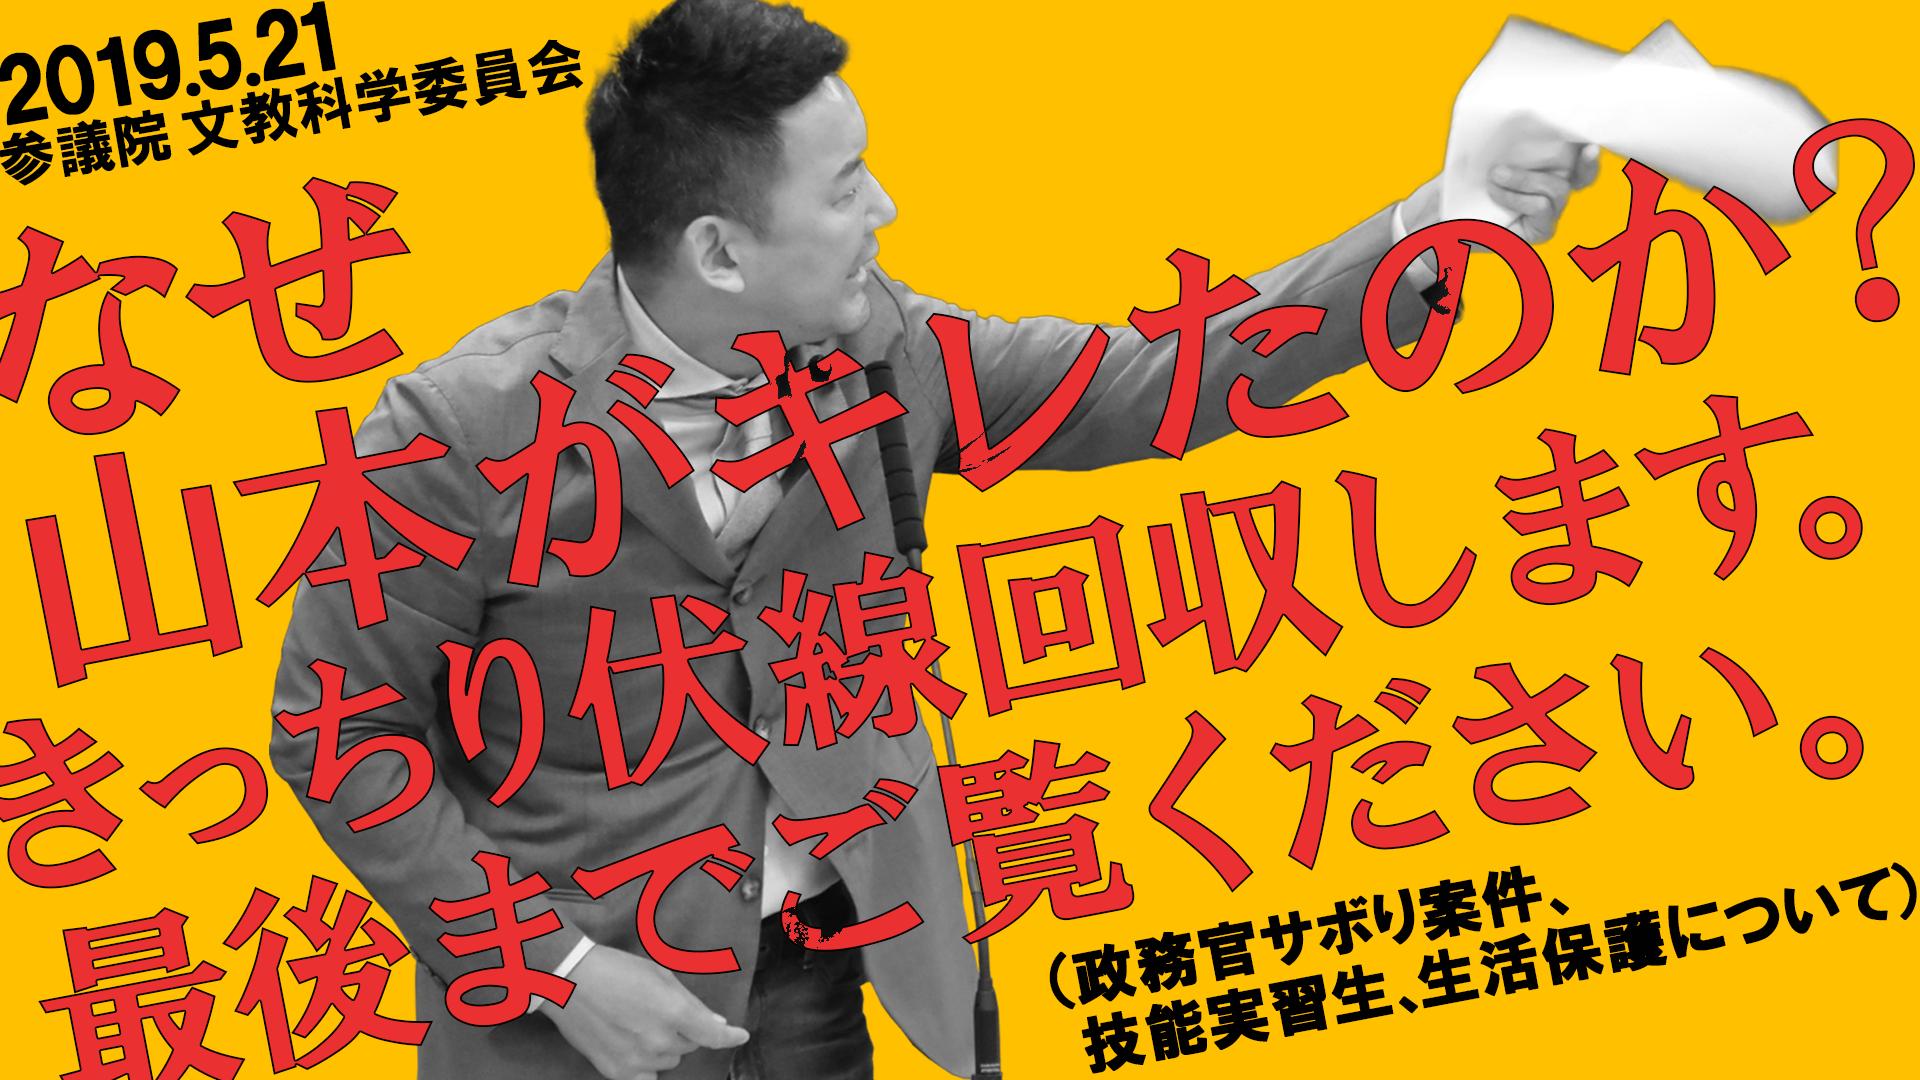 2019.5.21 文教科学委員会キャッチバナー